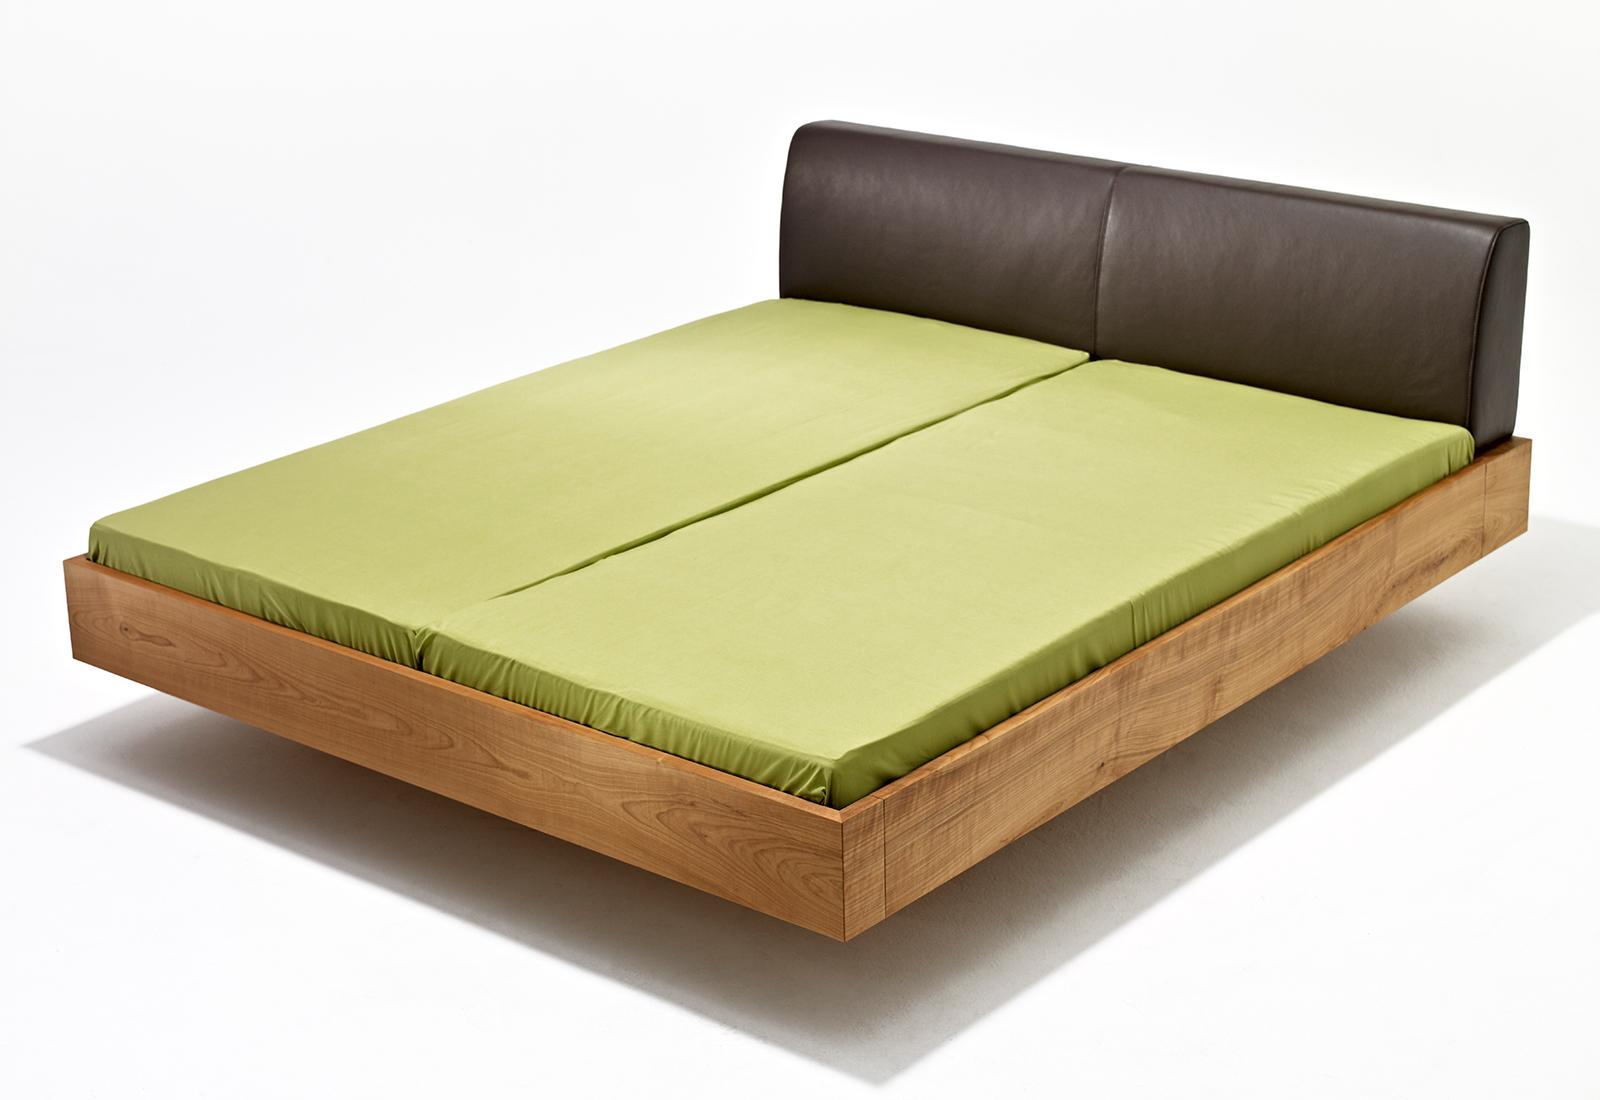 Schwebebett Mamma Air Holzbett Mit Gepolsterte Kopfteil In Leder Sixay Furniture Designermöbel Aus Vollholz